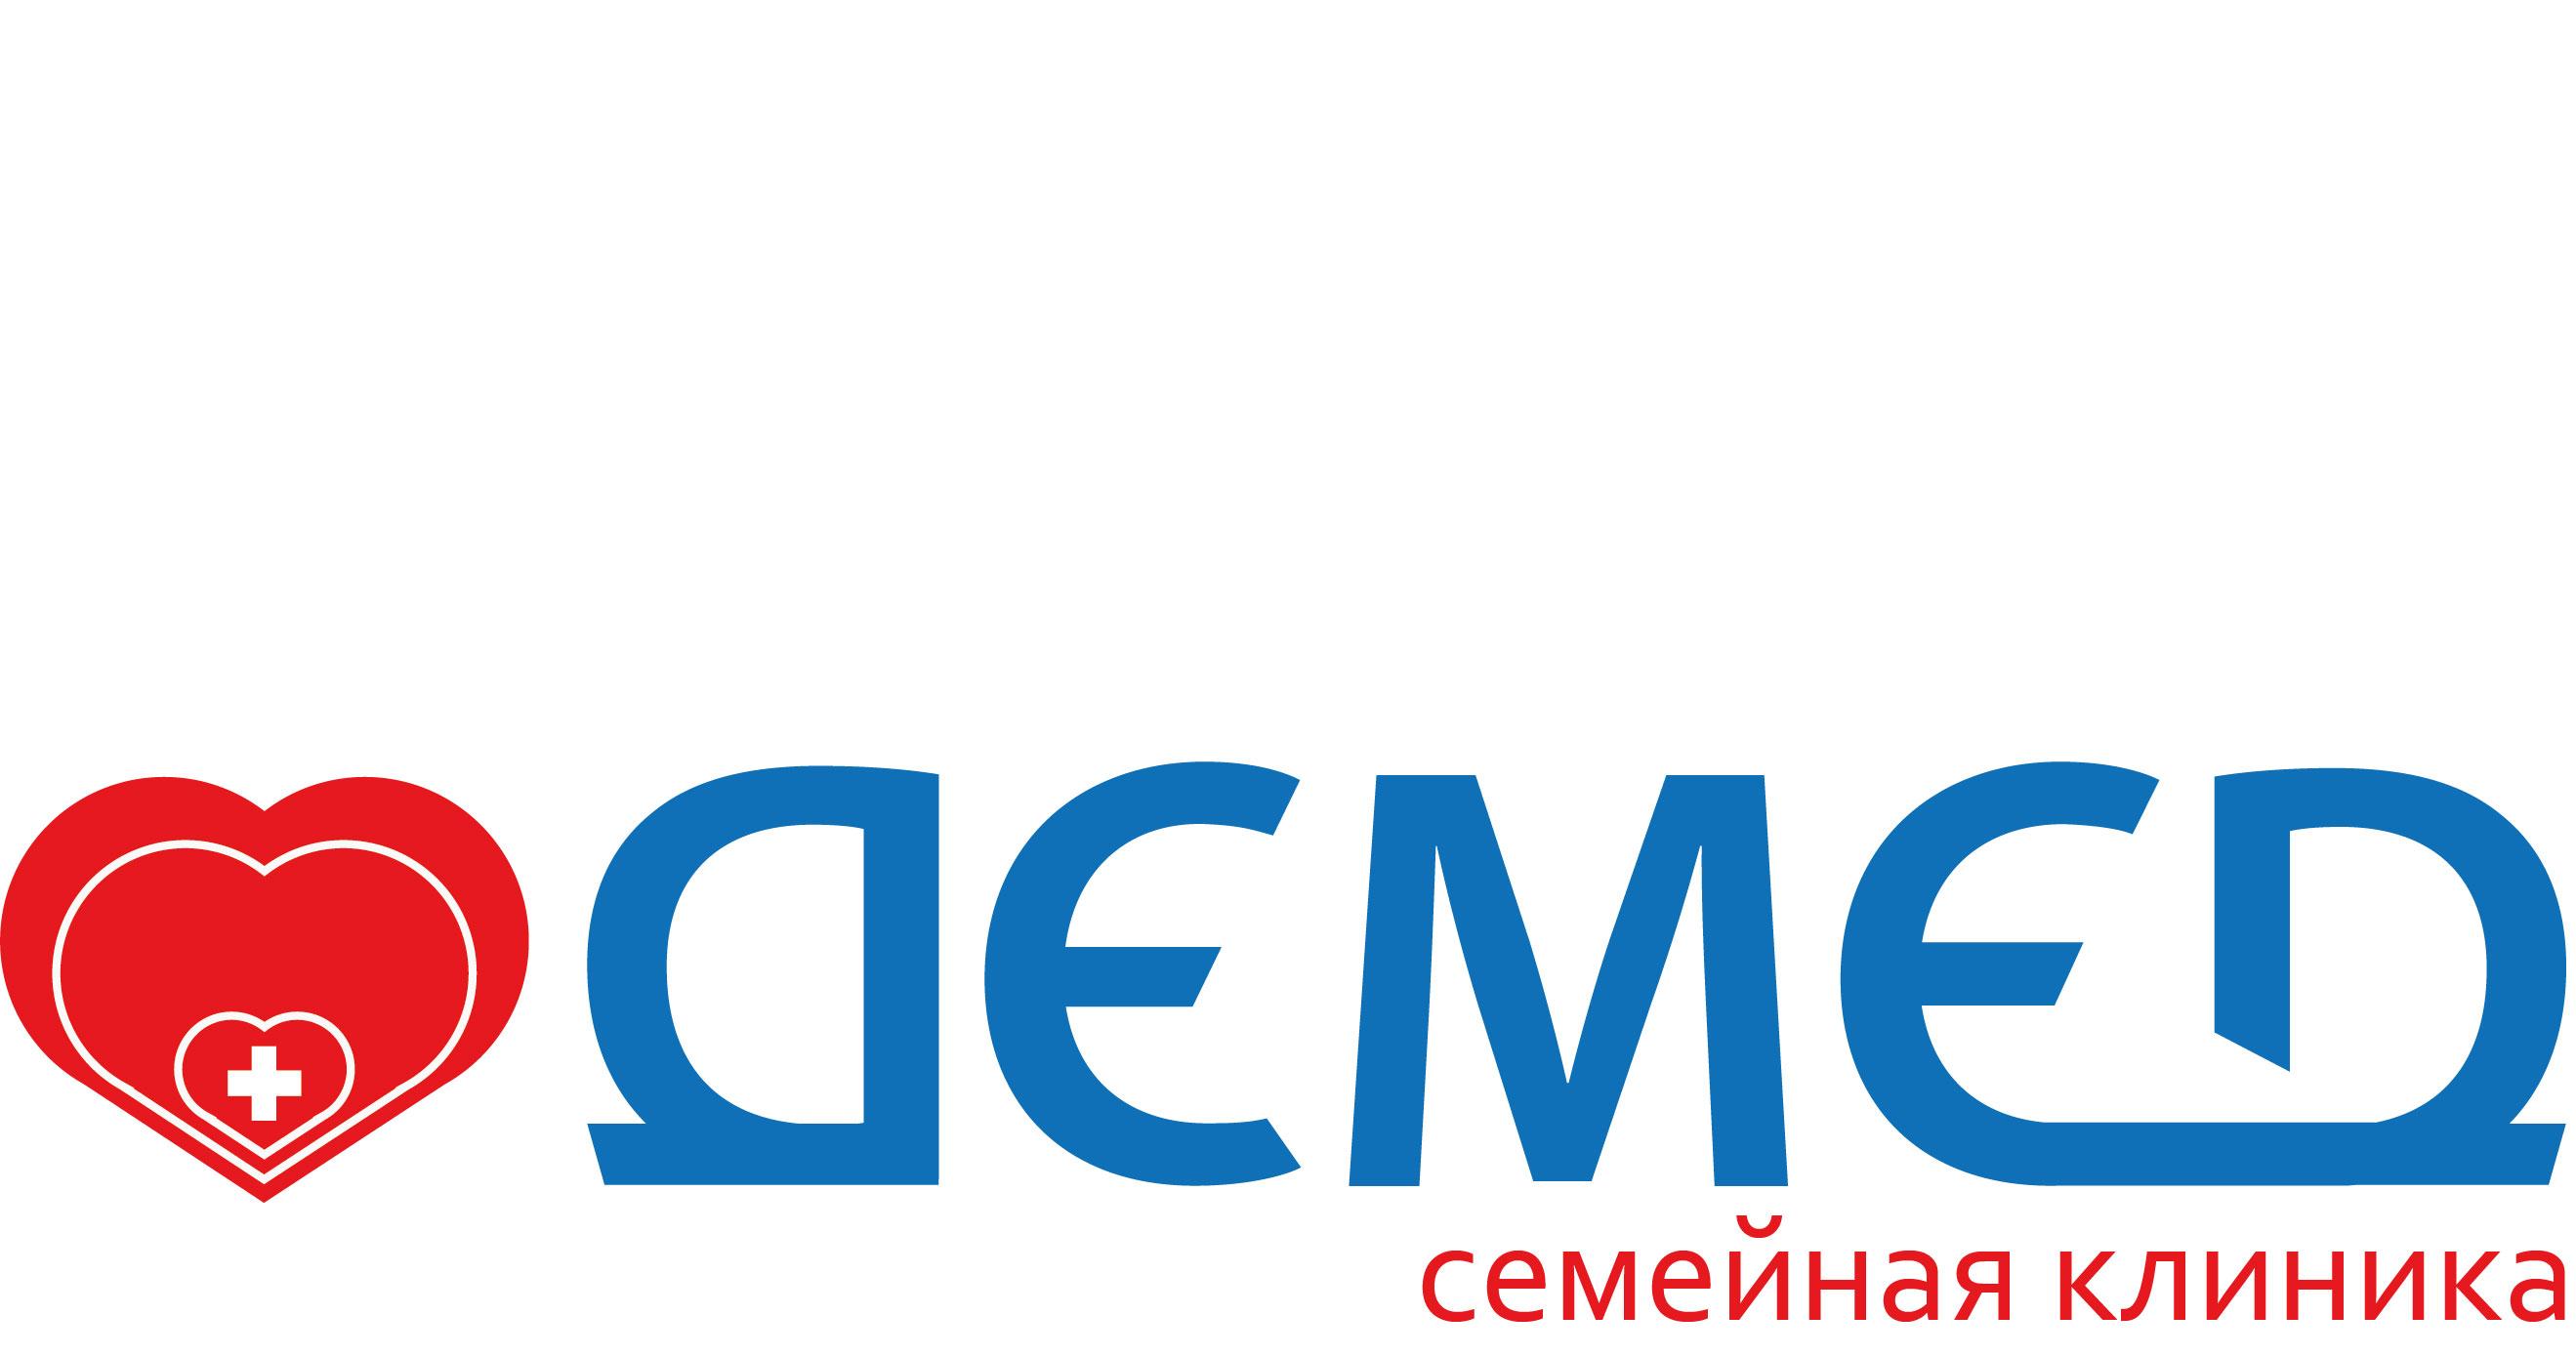 Логотип медицинского центра фото f_7835dcf10d4a46c7.jpg